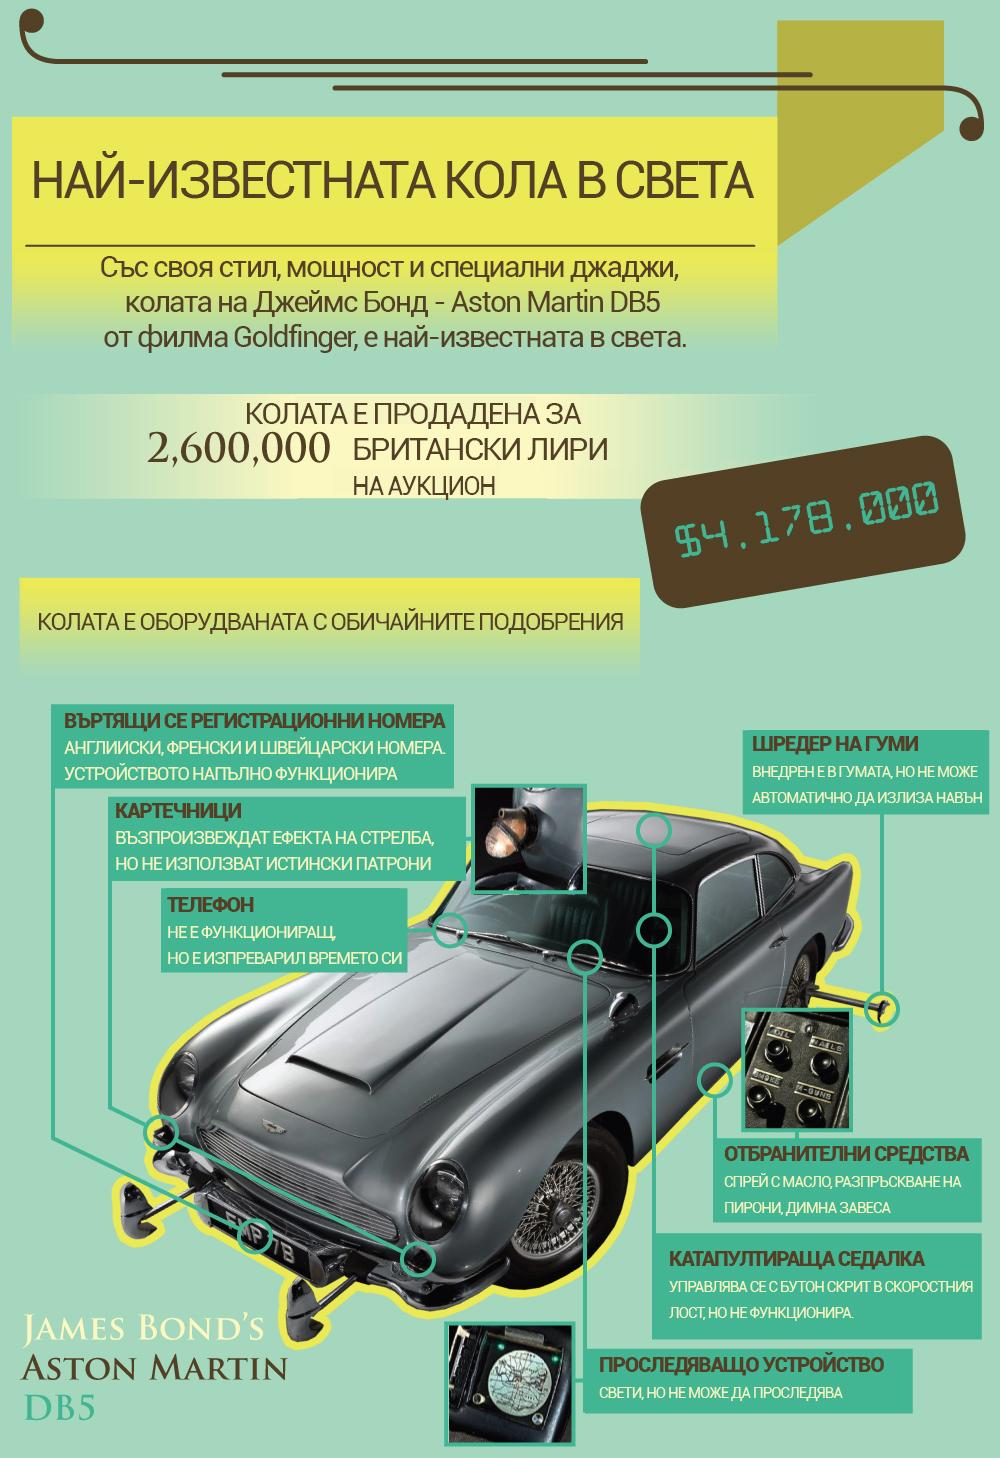 Aston Martin DB5 - оборудване